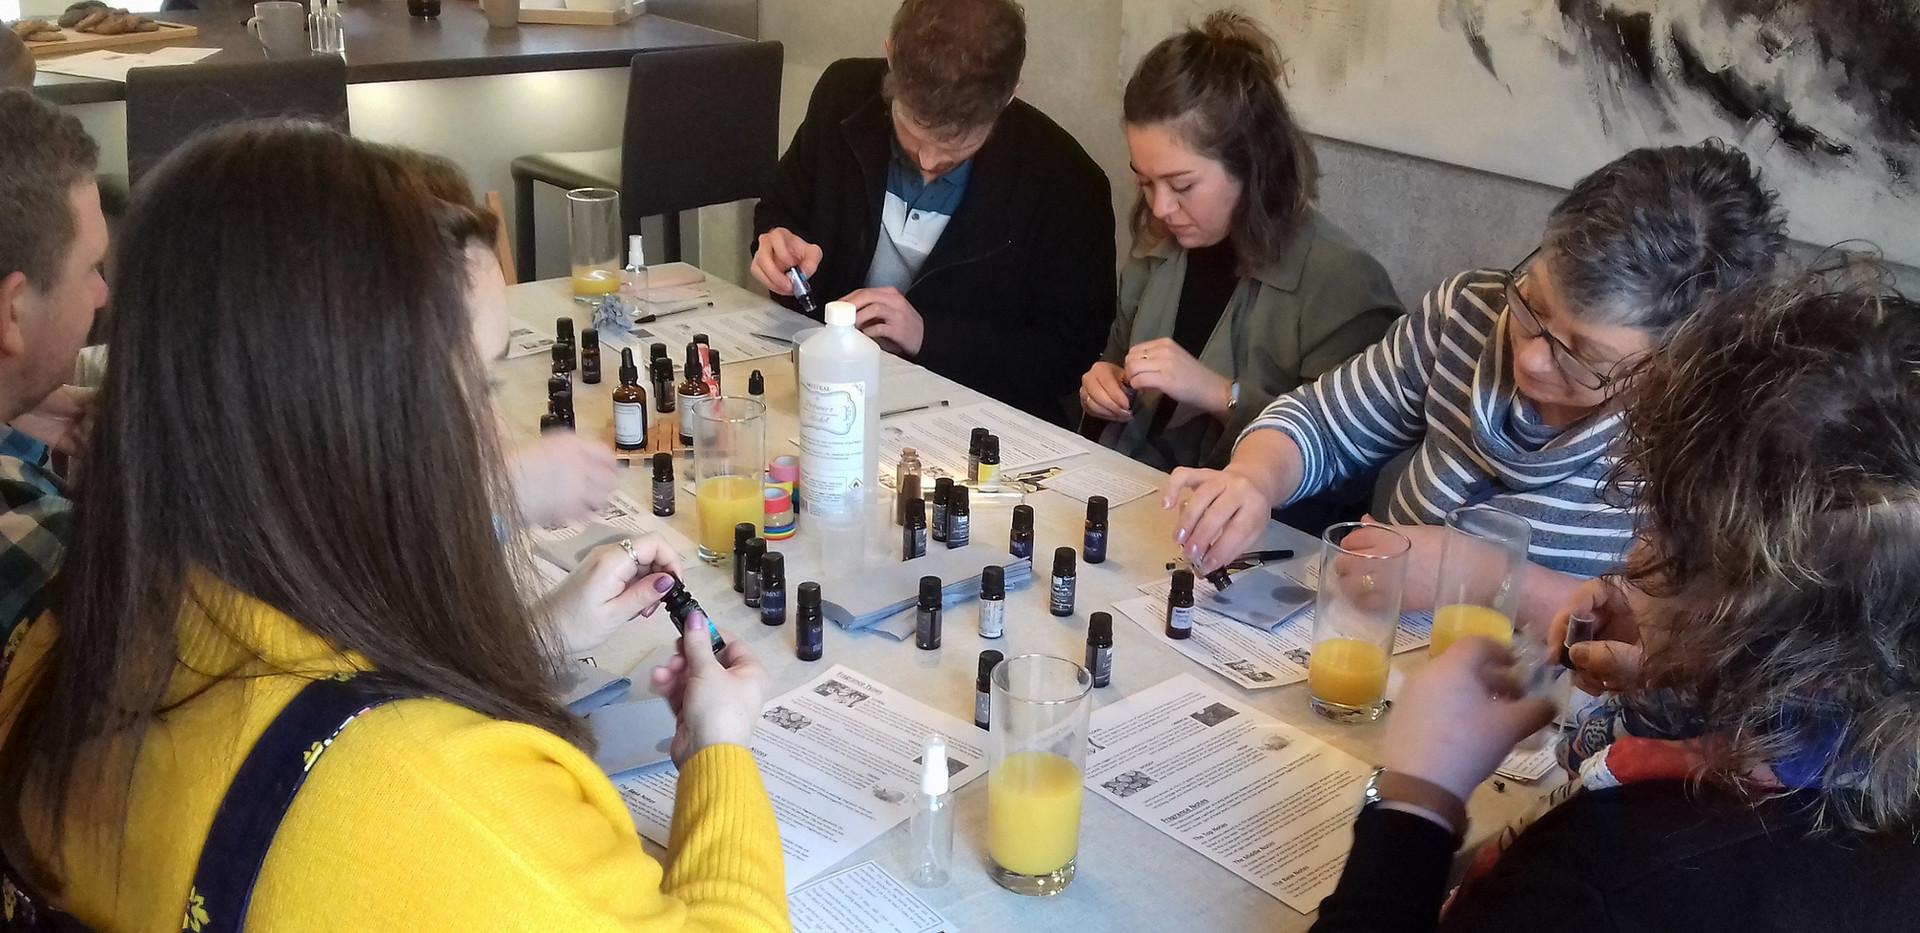 Perfume Making Workshop Example.jpg